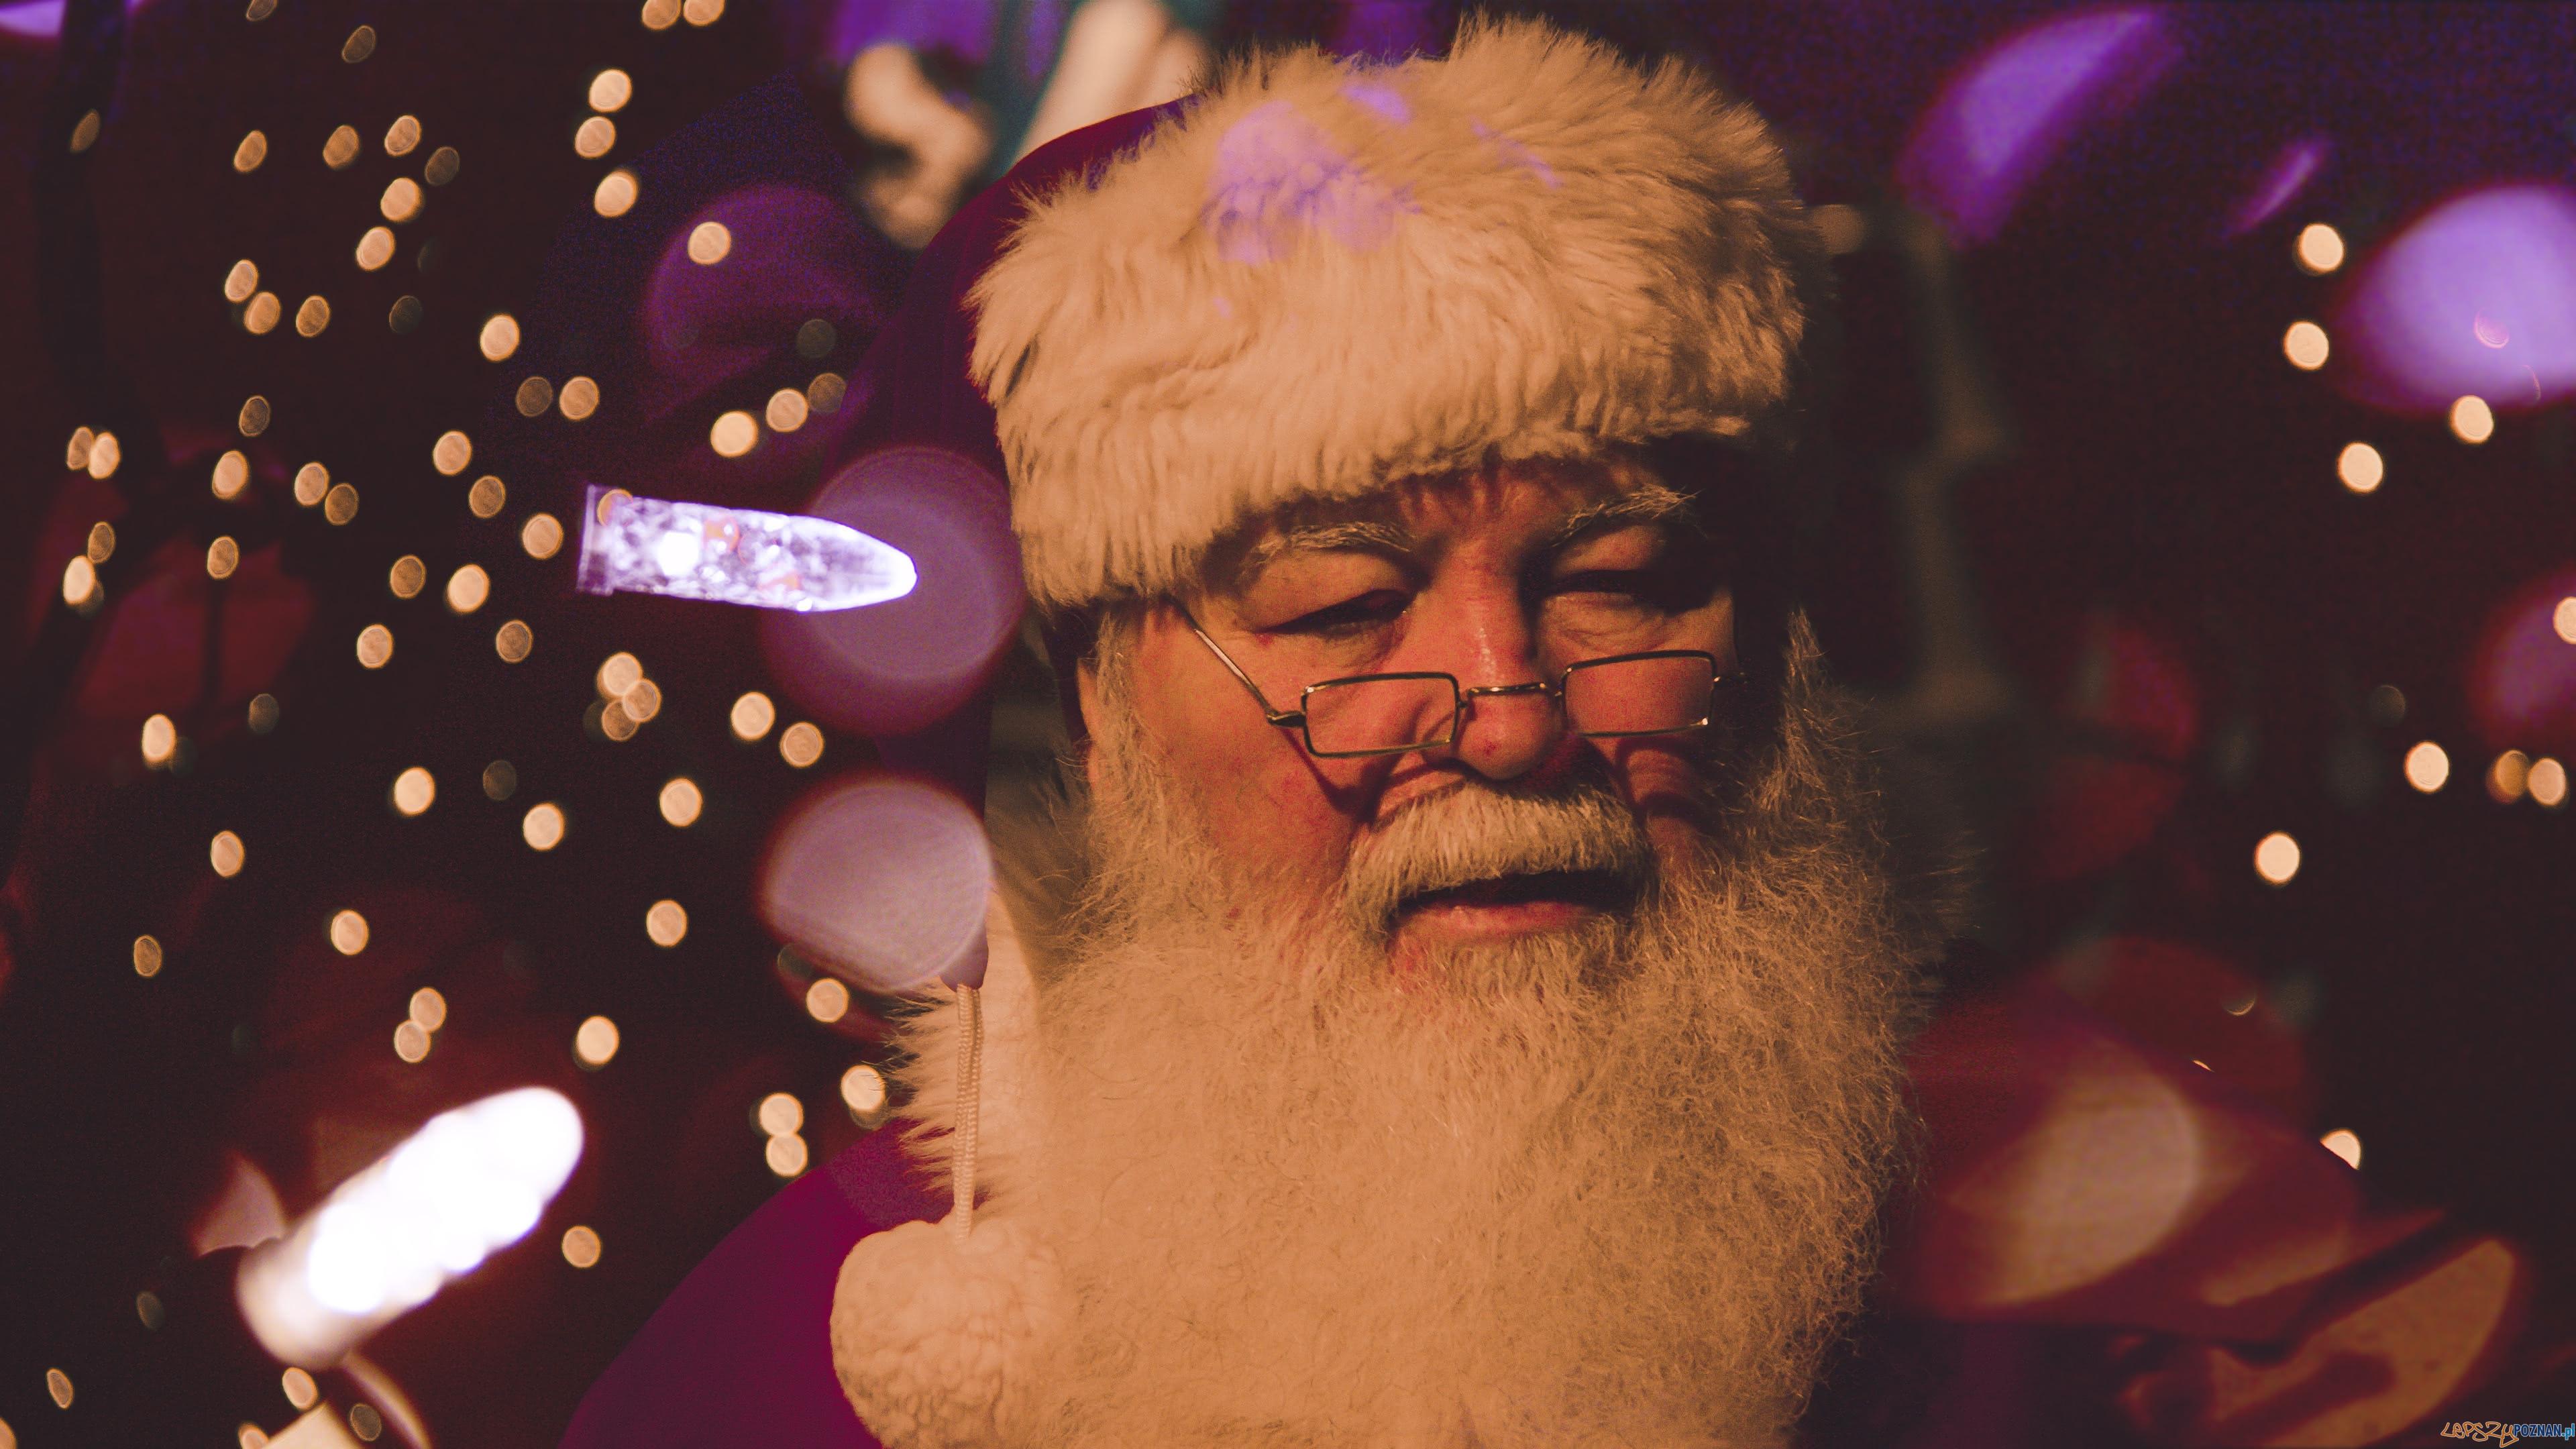 Św. Mikołaj  Foto: Srikanta H. U